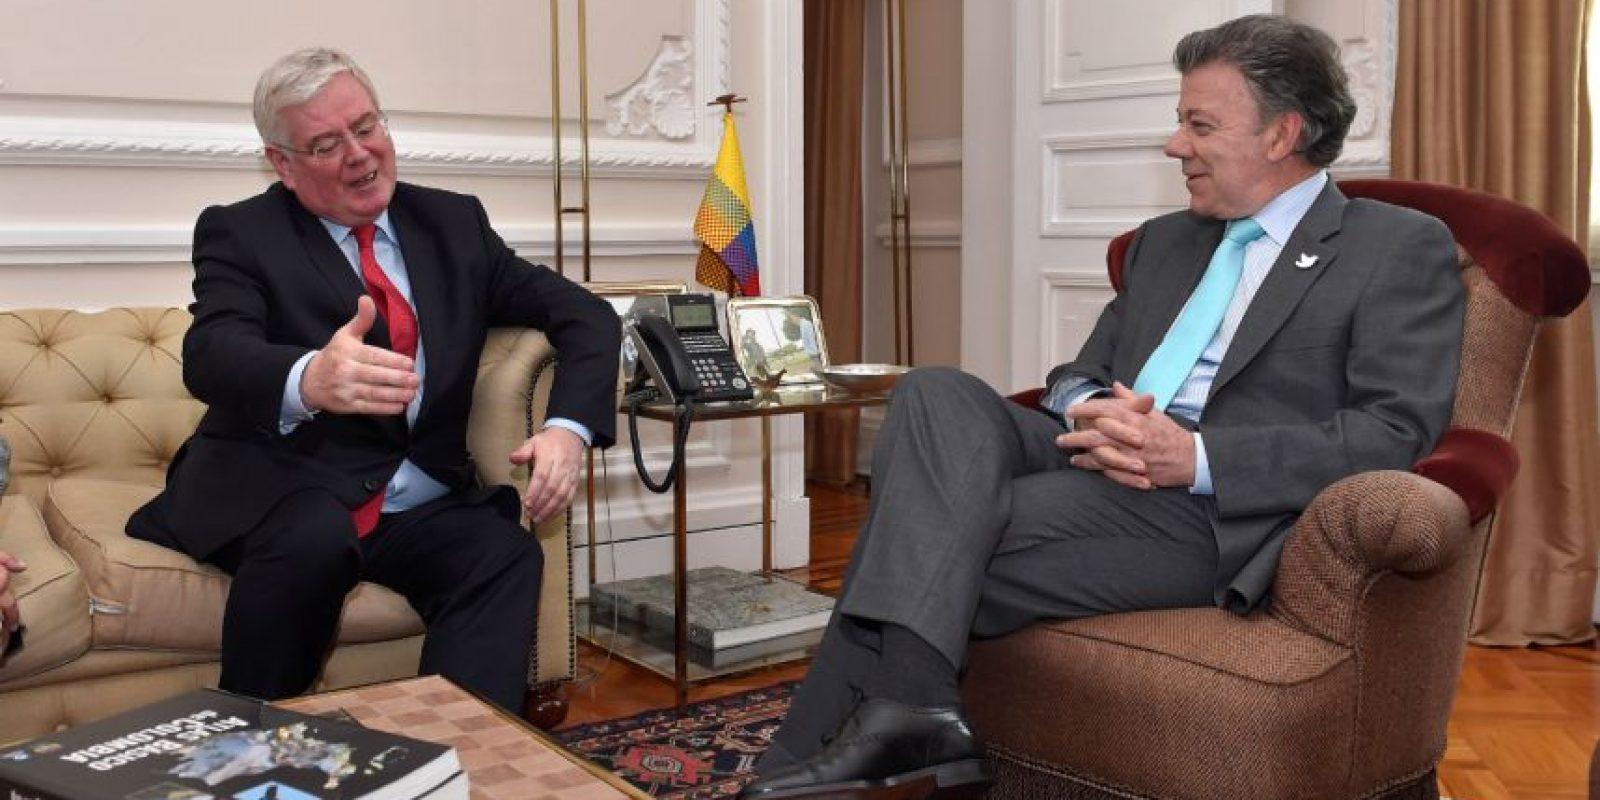 El presidente Juan Manuel Santos se reunió con el enviado especial de la Unión Europea (UE) para la paz de Colombia, el ex viceprimer ministro irlandés Eamon Gilmore. Foto:Presidencia